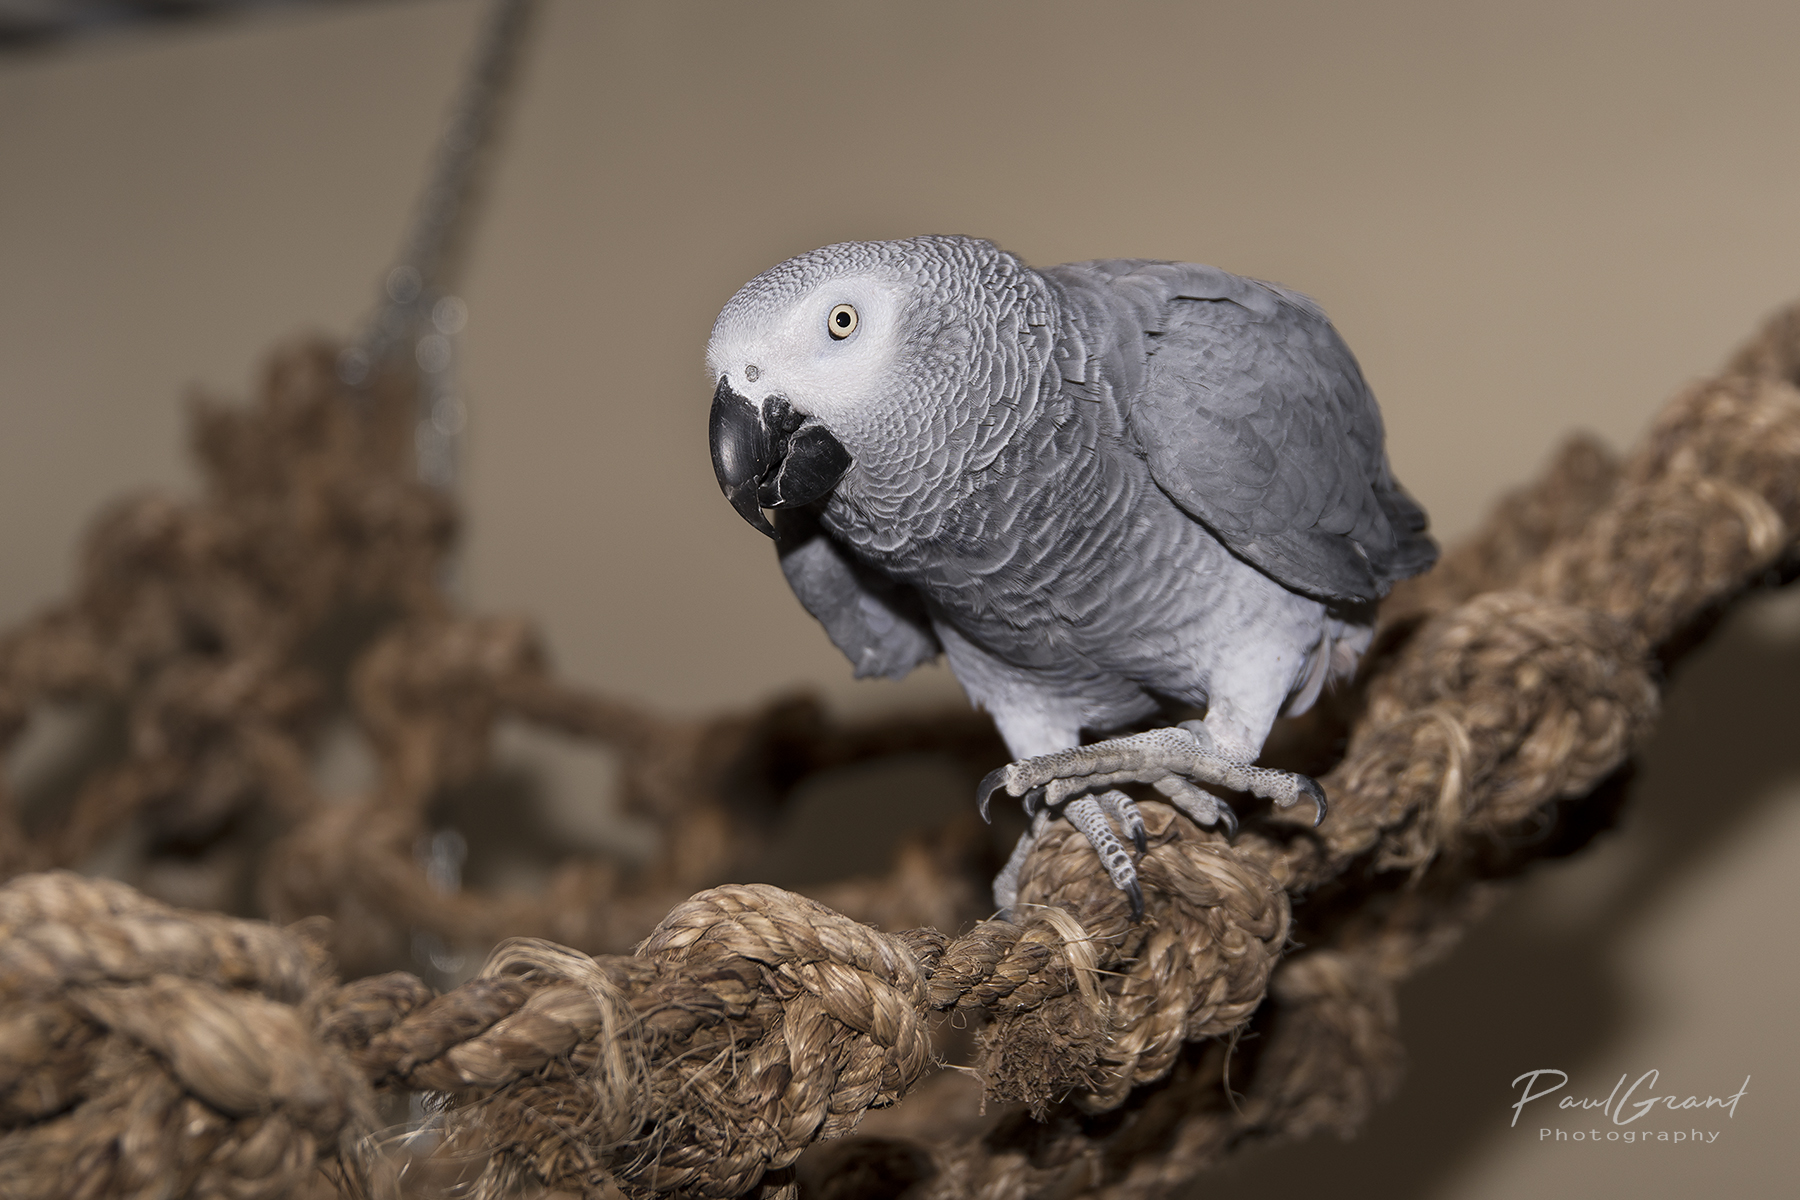 Parrot Boarding